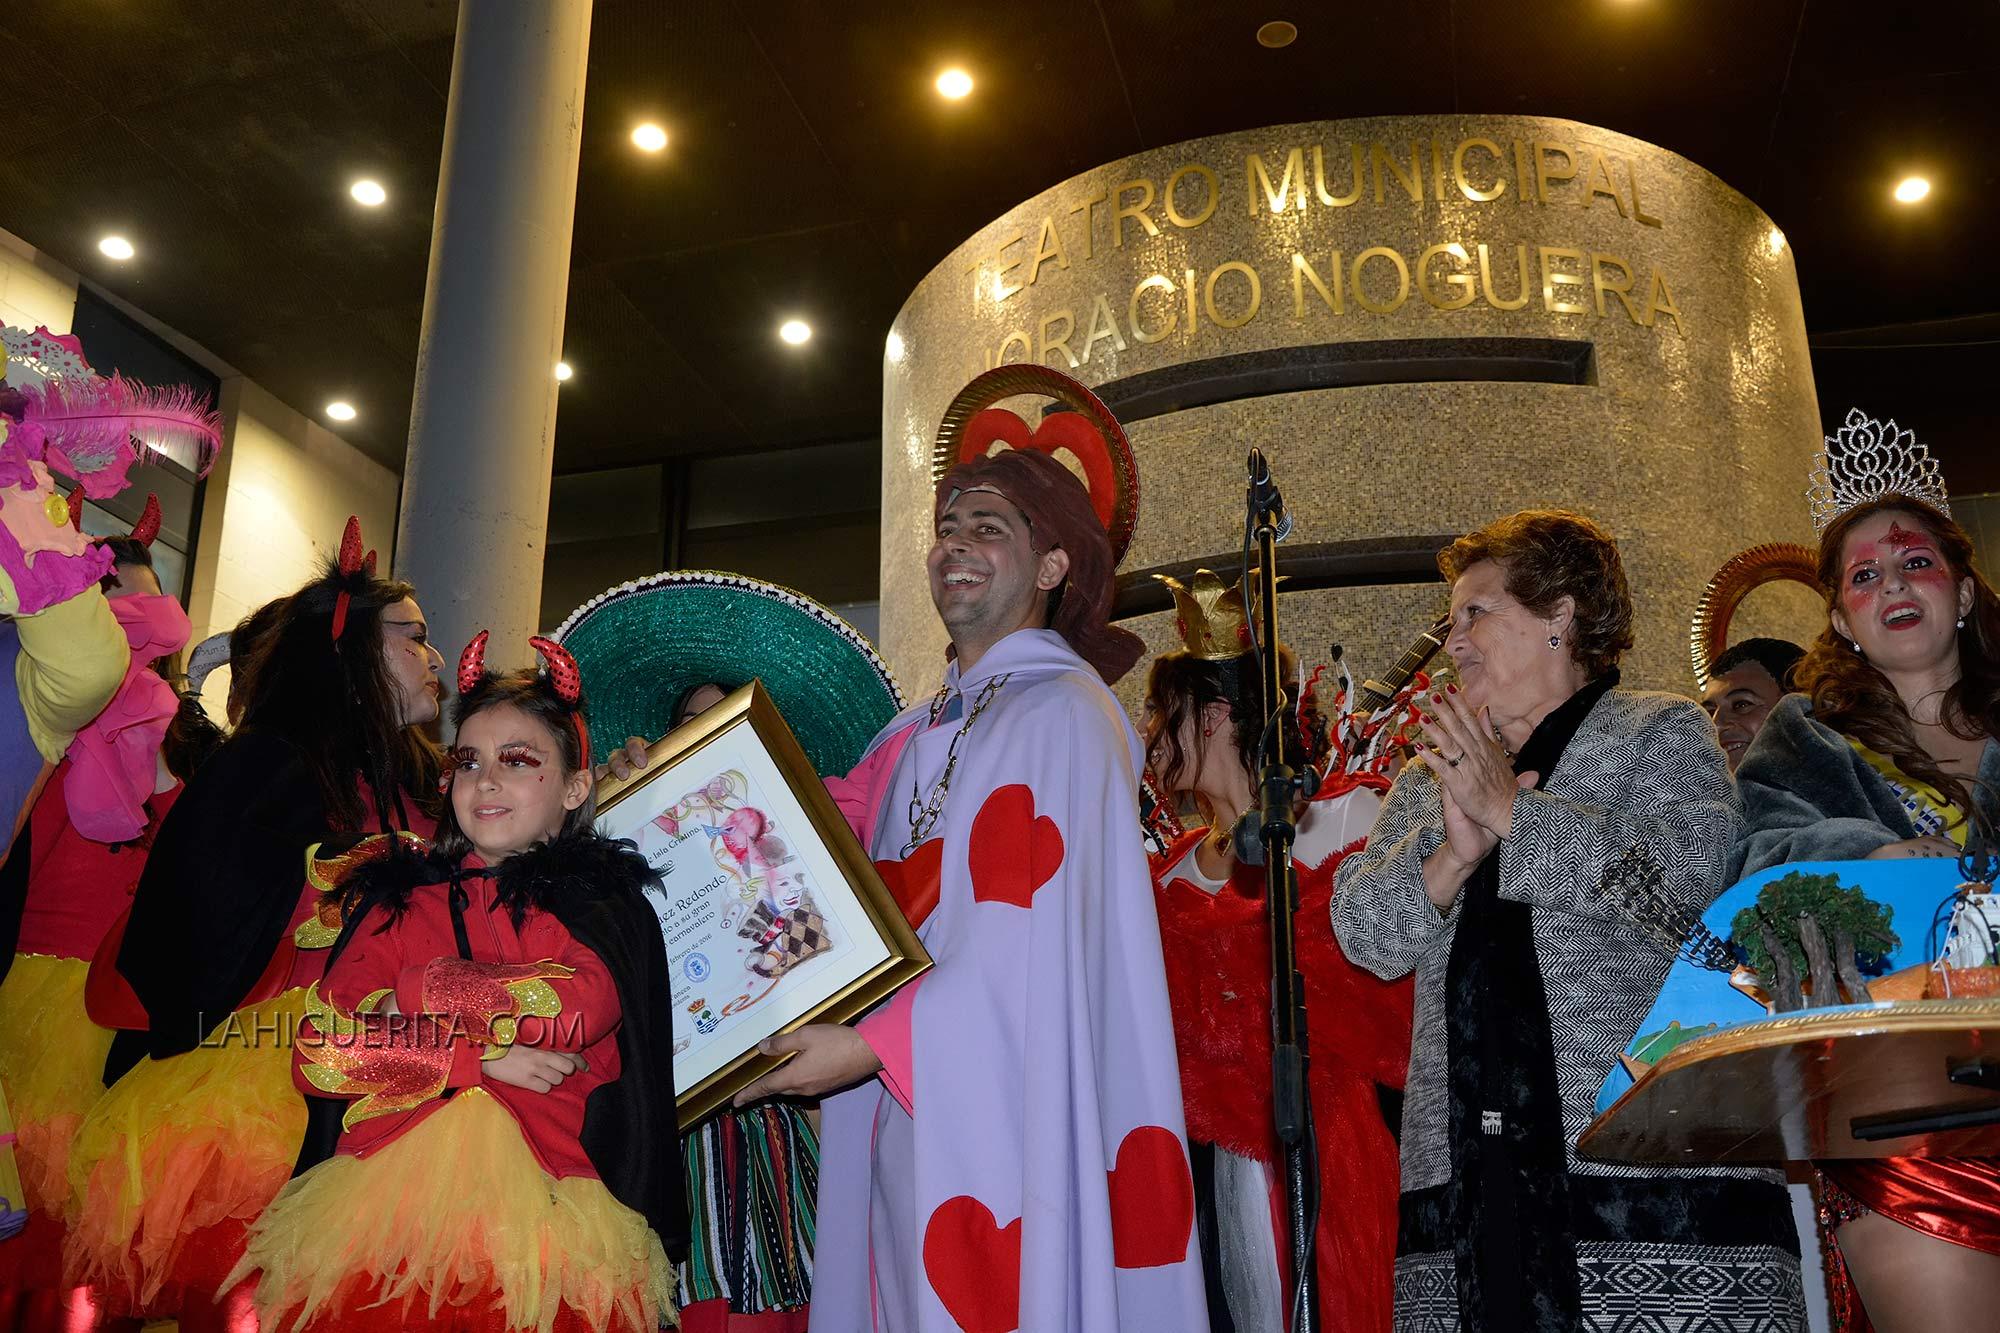 Pistoletazo de salida al Carnaval de calle con el Pito de Caña 2016